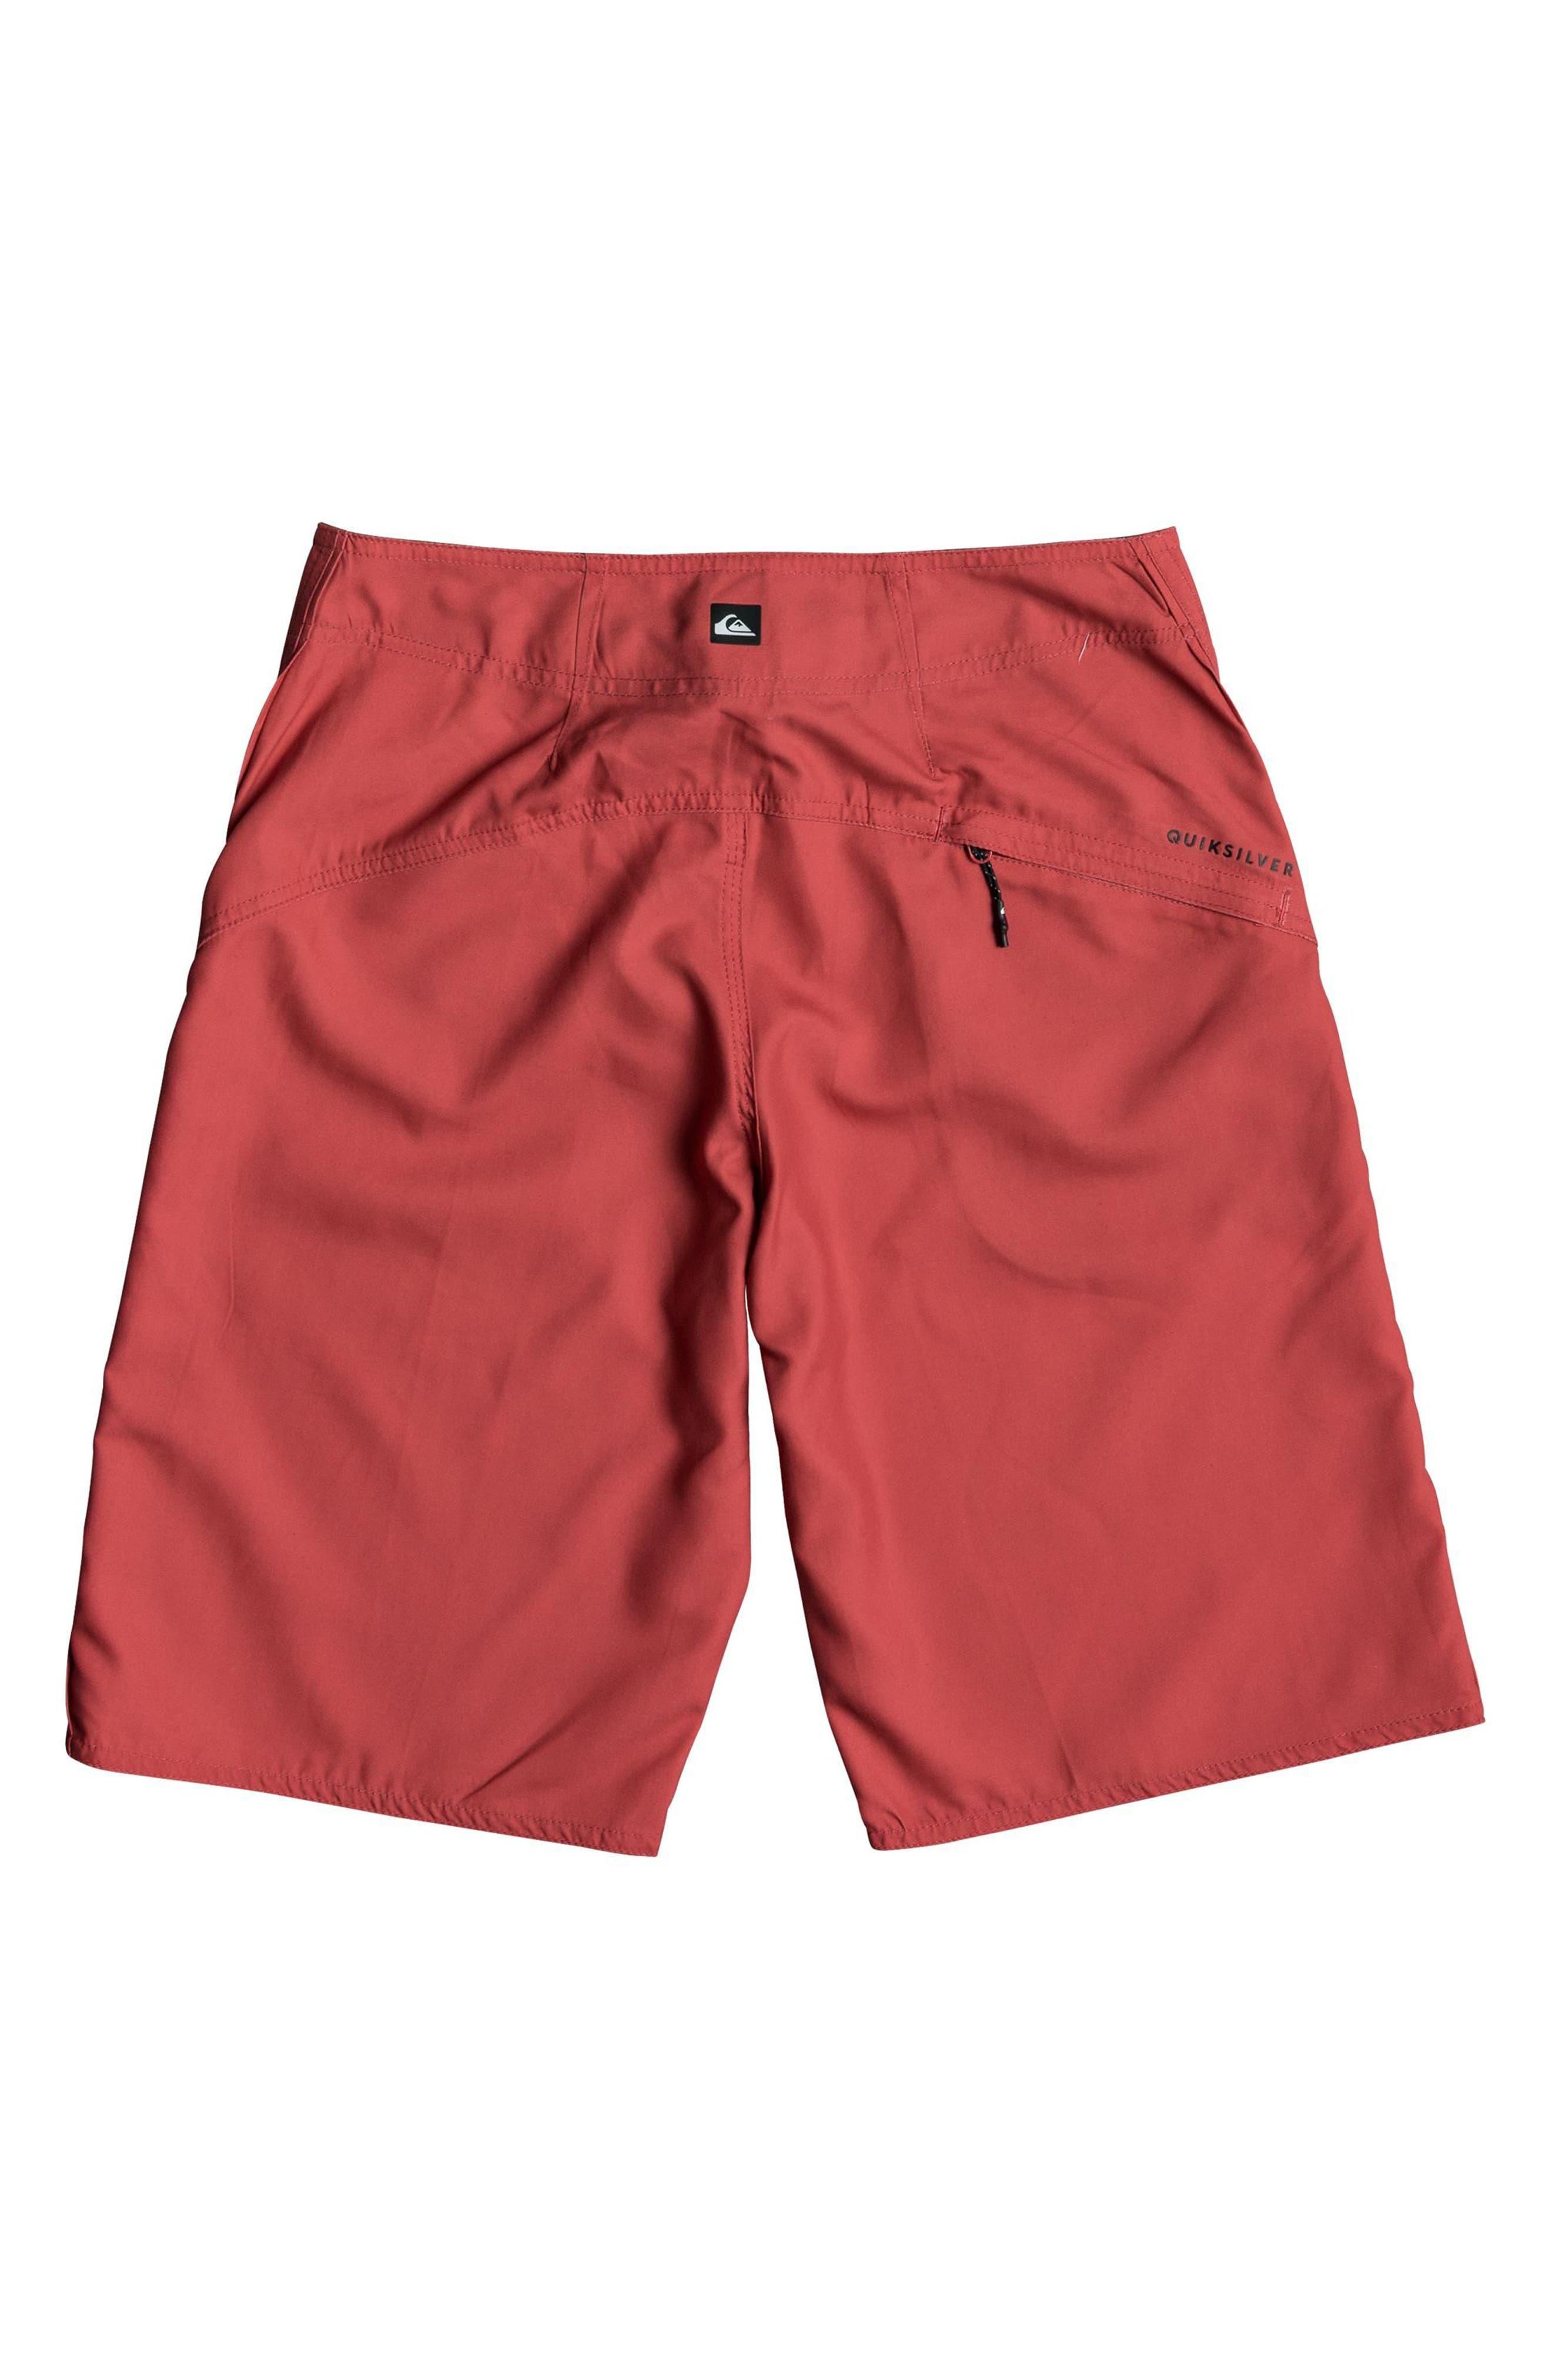 Highline Kaimana Board Shorts,                             Alternate thumbnail 2, color,                             Red